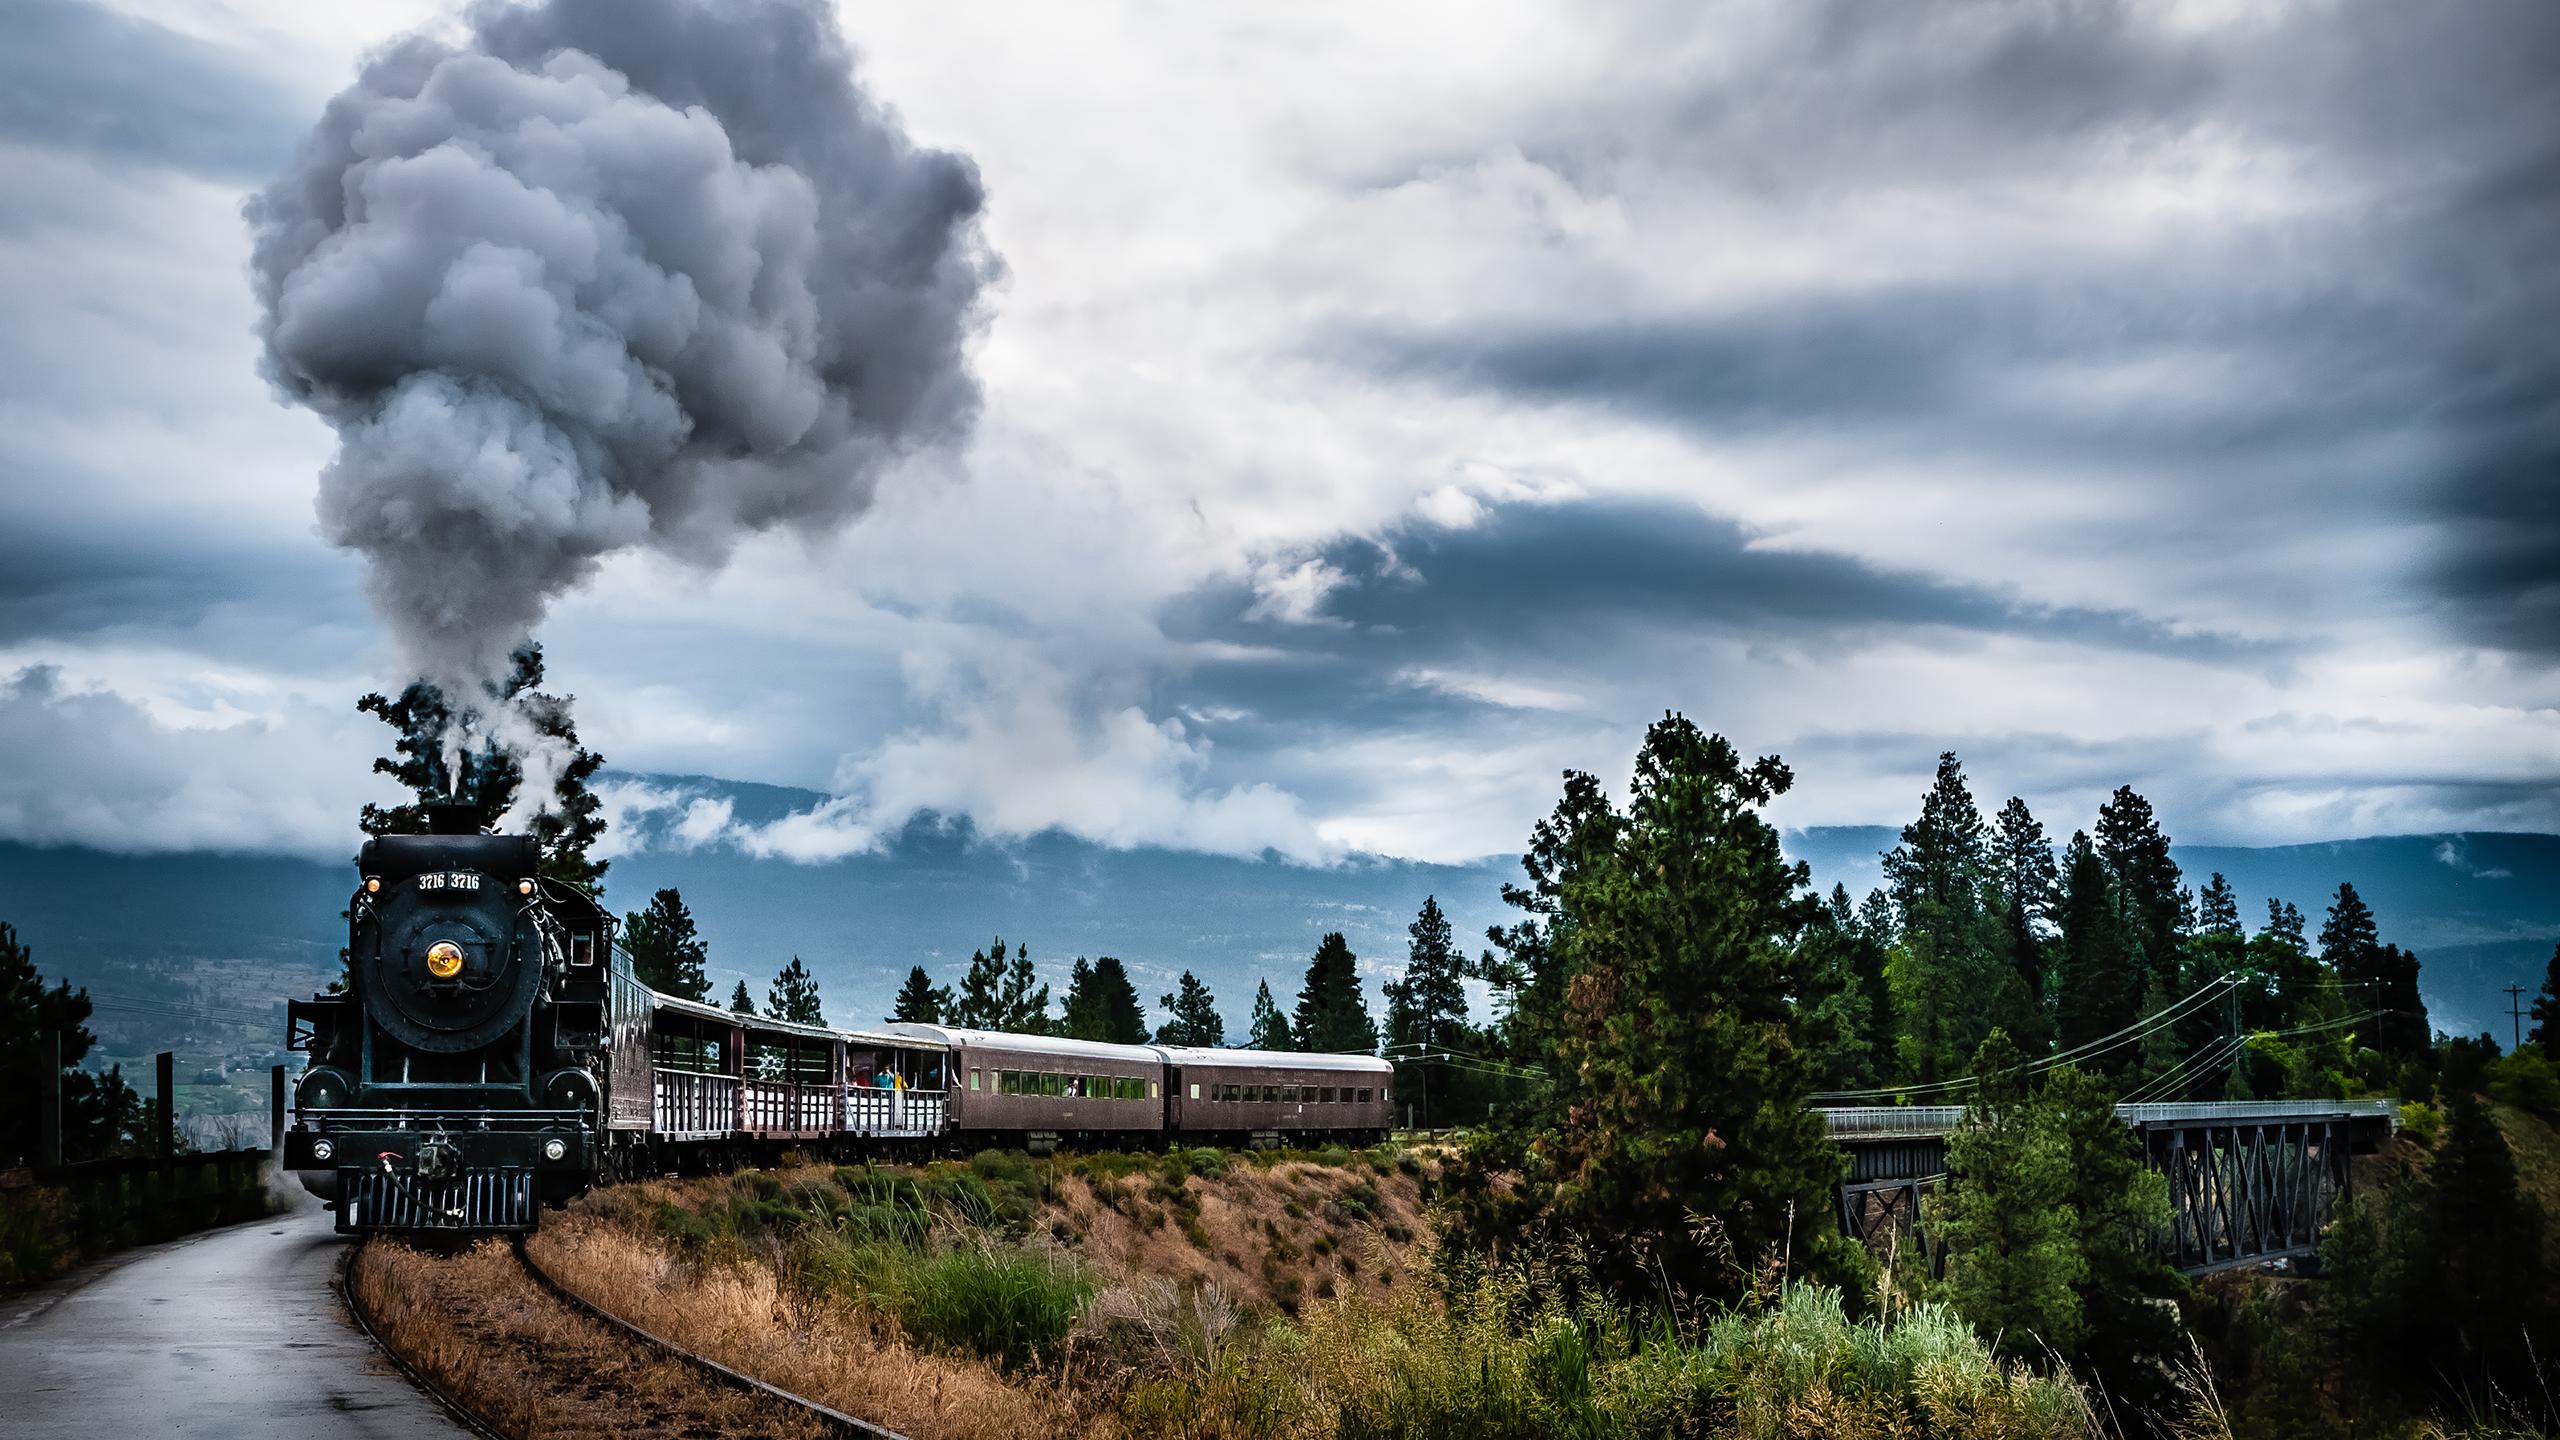 train_steam_2560x1440